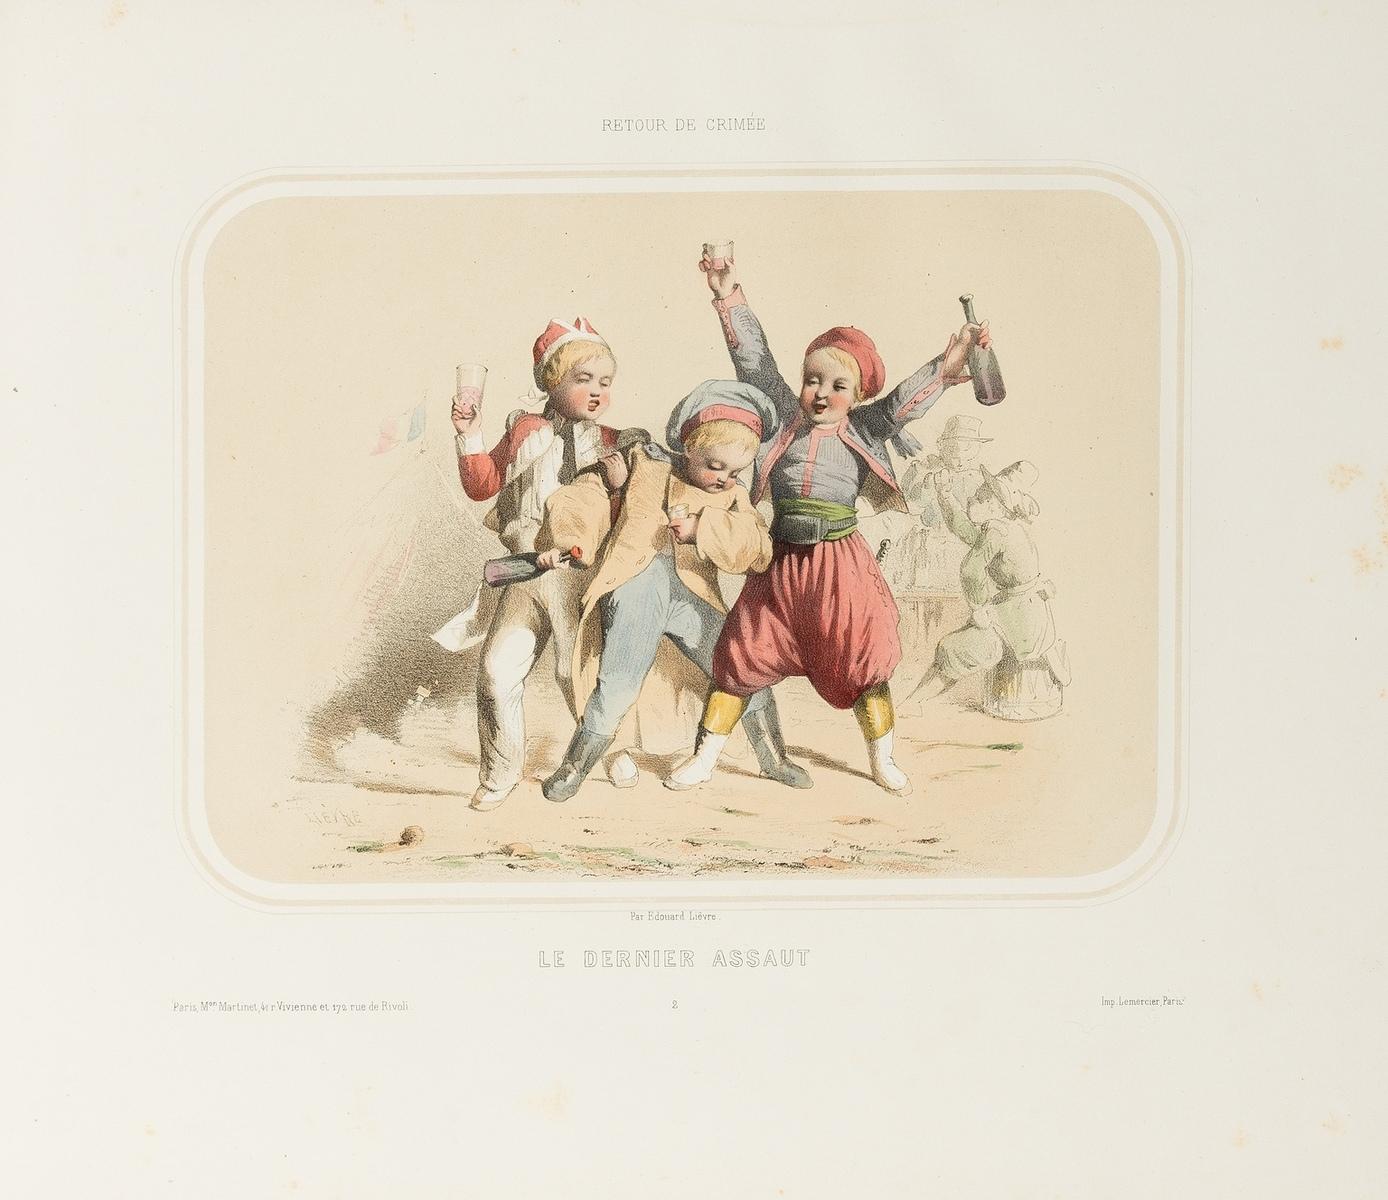 Crimea.- Lièvre (Édouard) Retour de Crimée, Paris, c.1850; and another on the Crimean War (3)